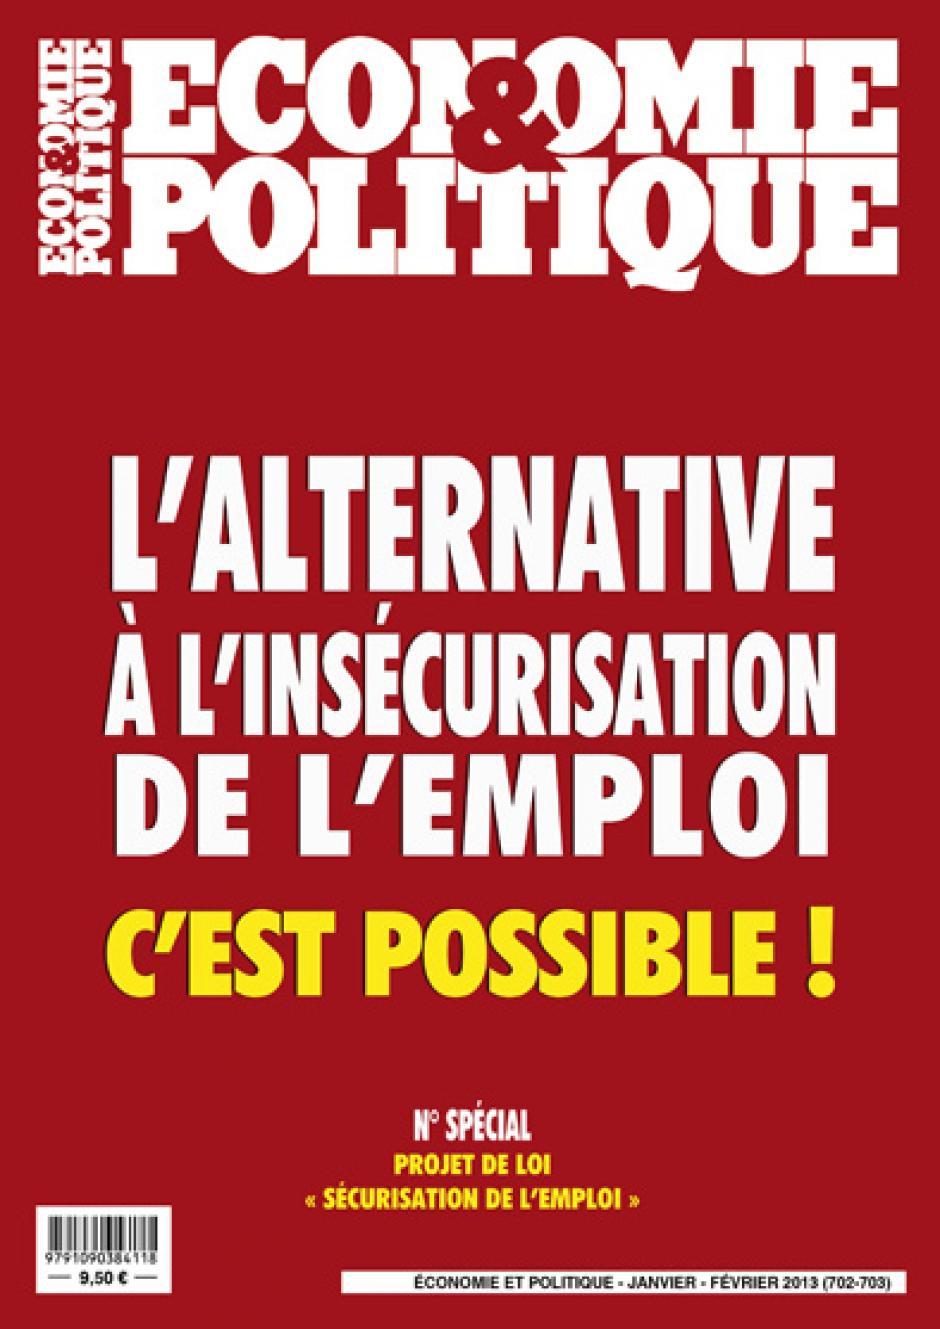 Economie & Politique de janvier-février 2013